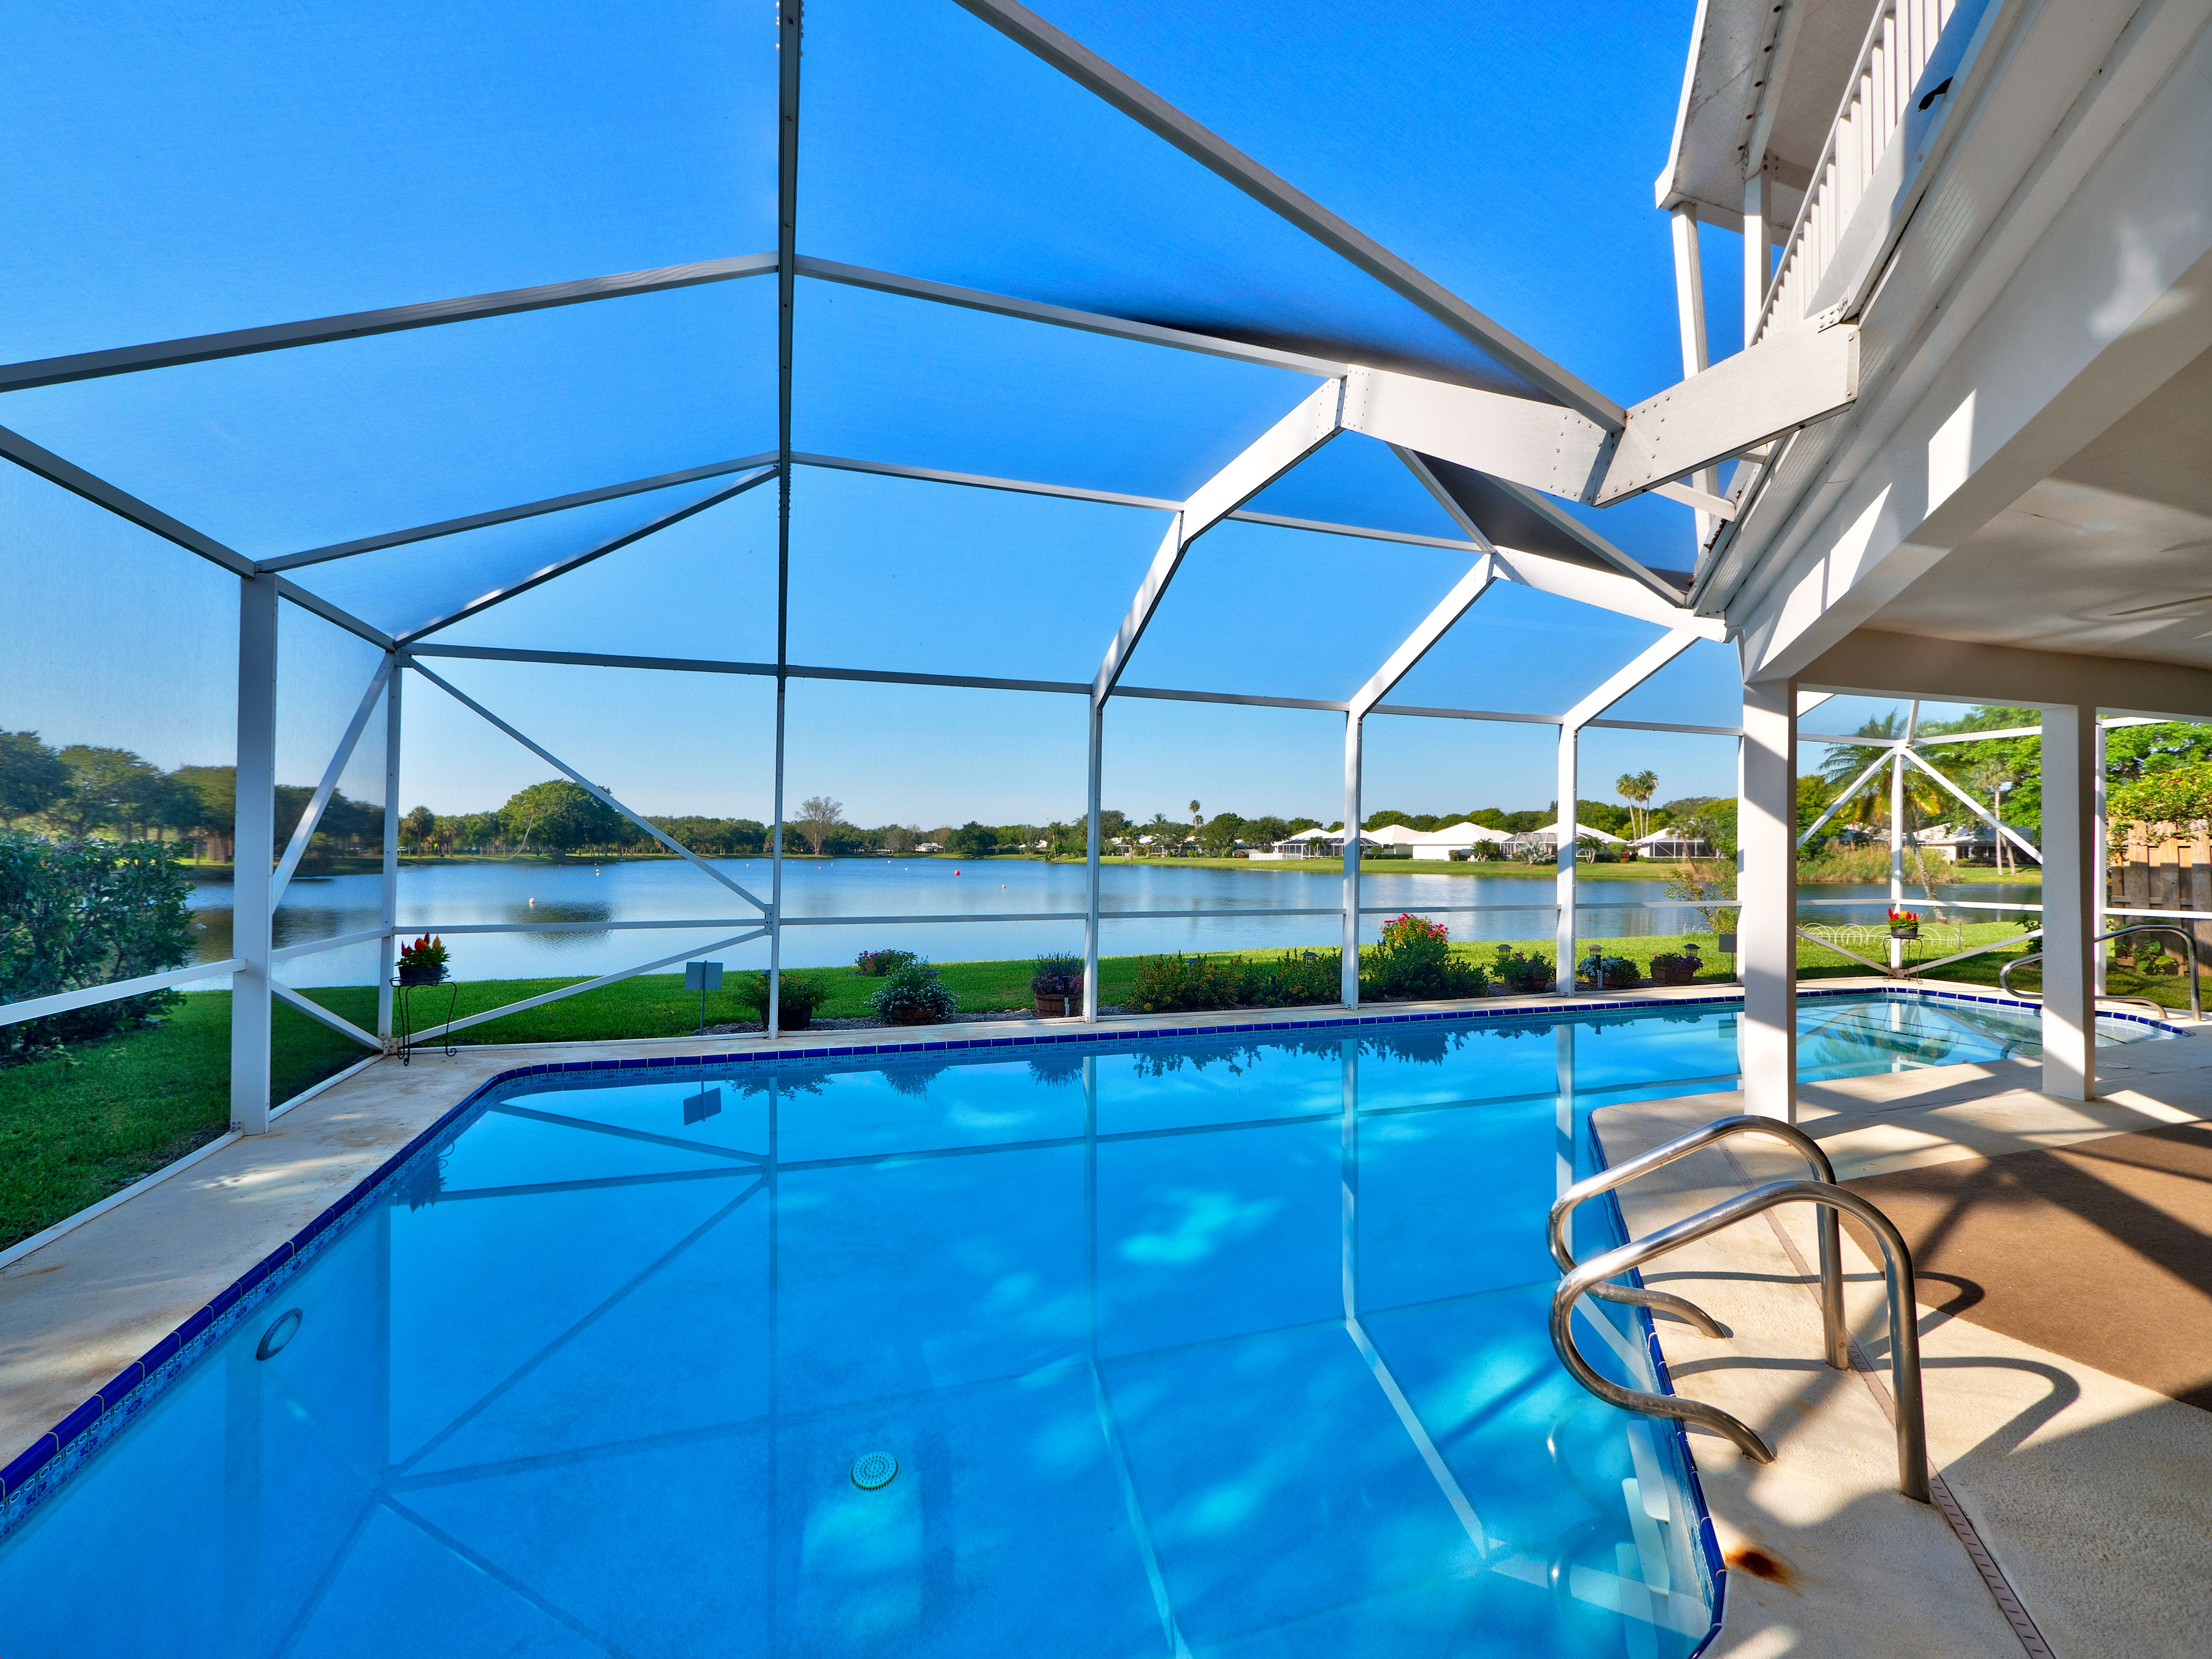 a696504acf1764cf22018aac8449e512 - Condos Palm Beach Gardens For Sale